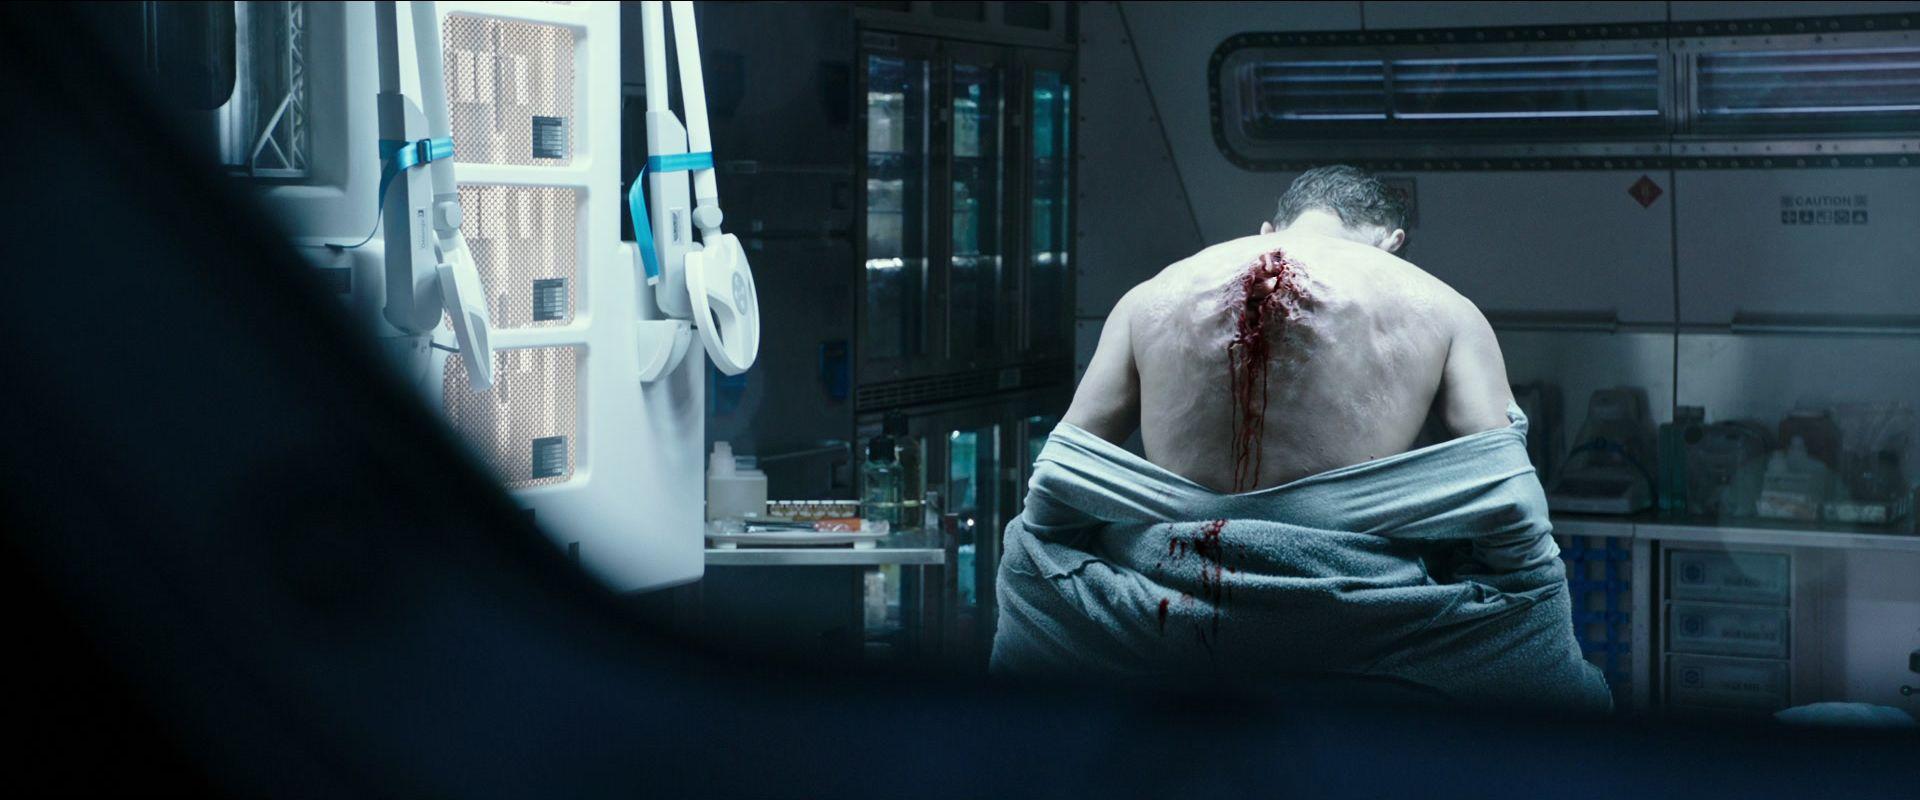 Обзор фильма «Чужой: Завет»